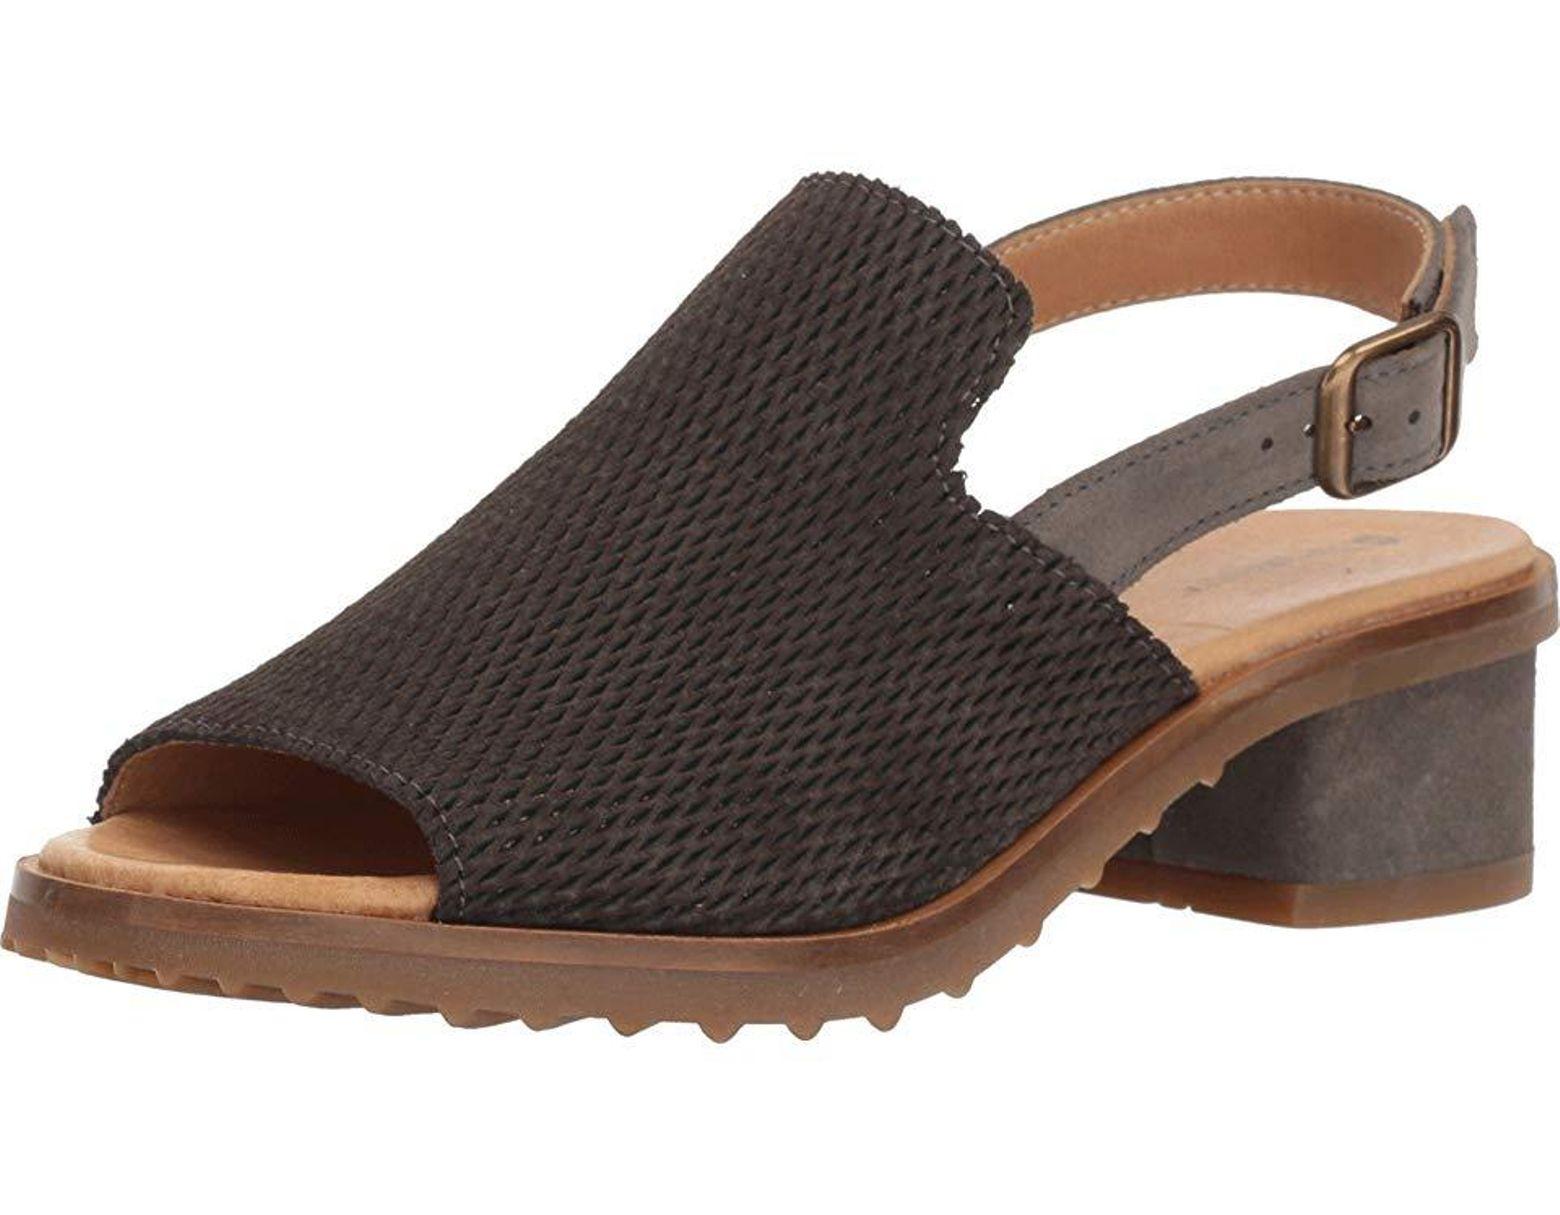 Women's Brown Women's N5014sgrafitoShoes Brown Sabal N5014sgrafitoShoes Brown Women's Sabal Sabal 8XwOkZ0PNn